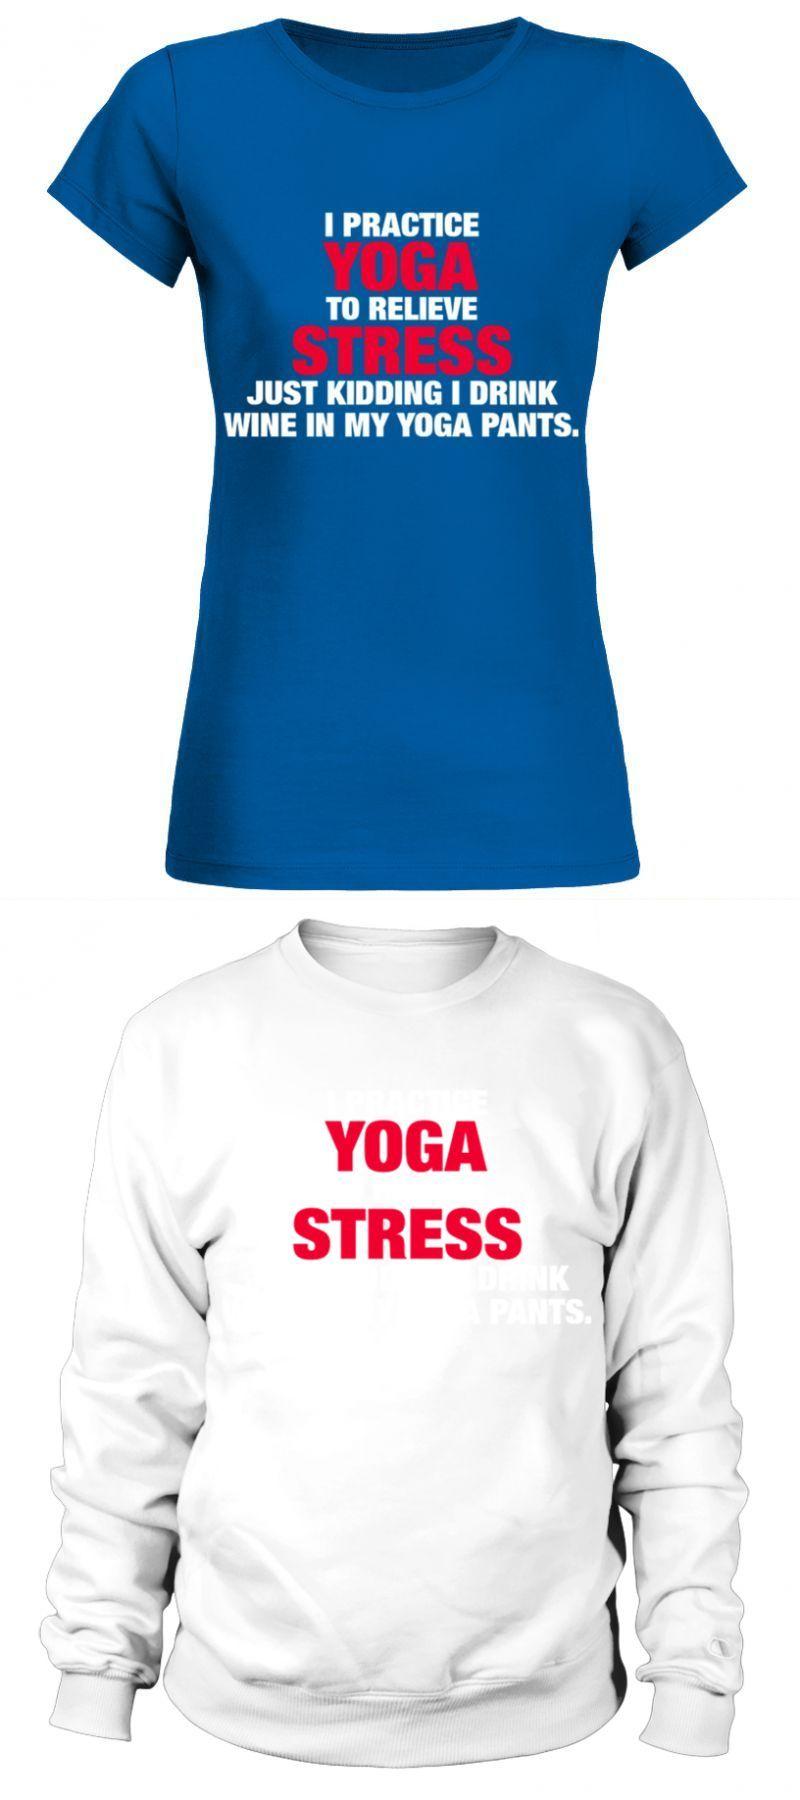 Mermaid Yoga T Shirt Yoga T Shirt Whisky And Yoga Yoga Tshirt Sweatshirts Shirts